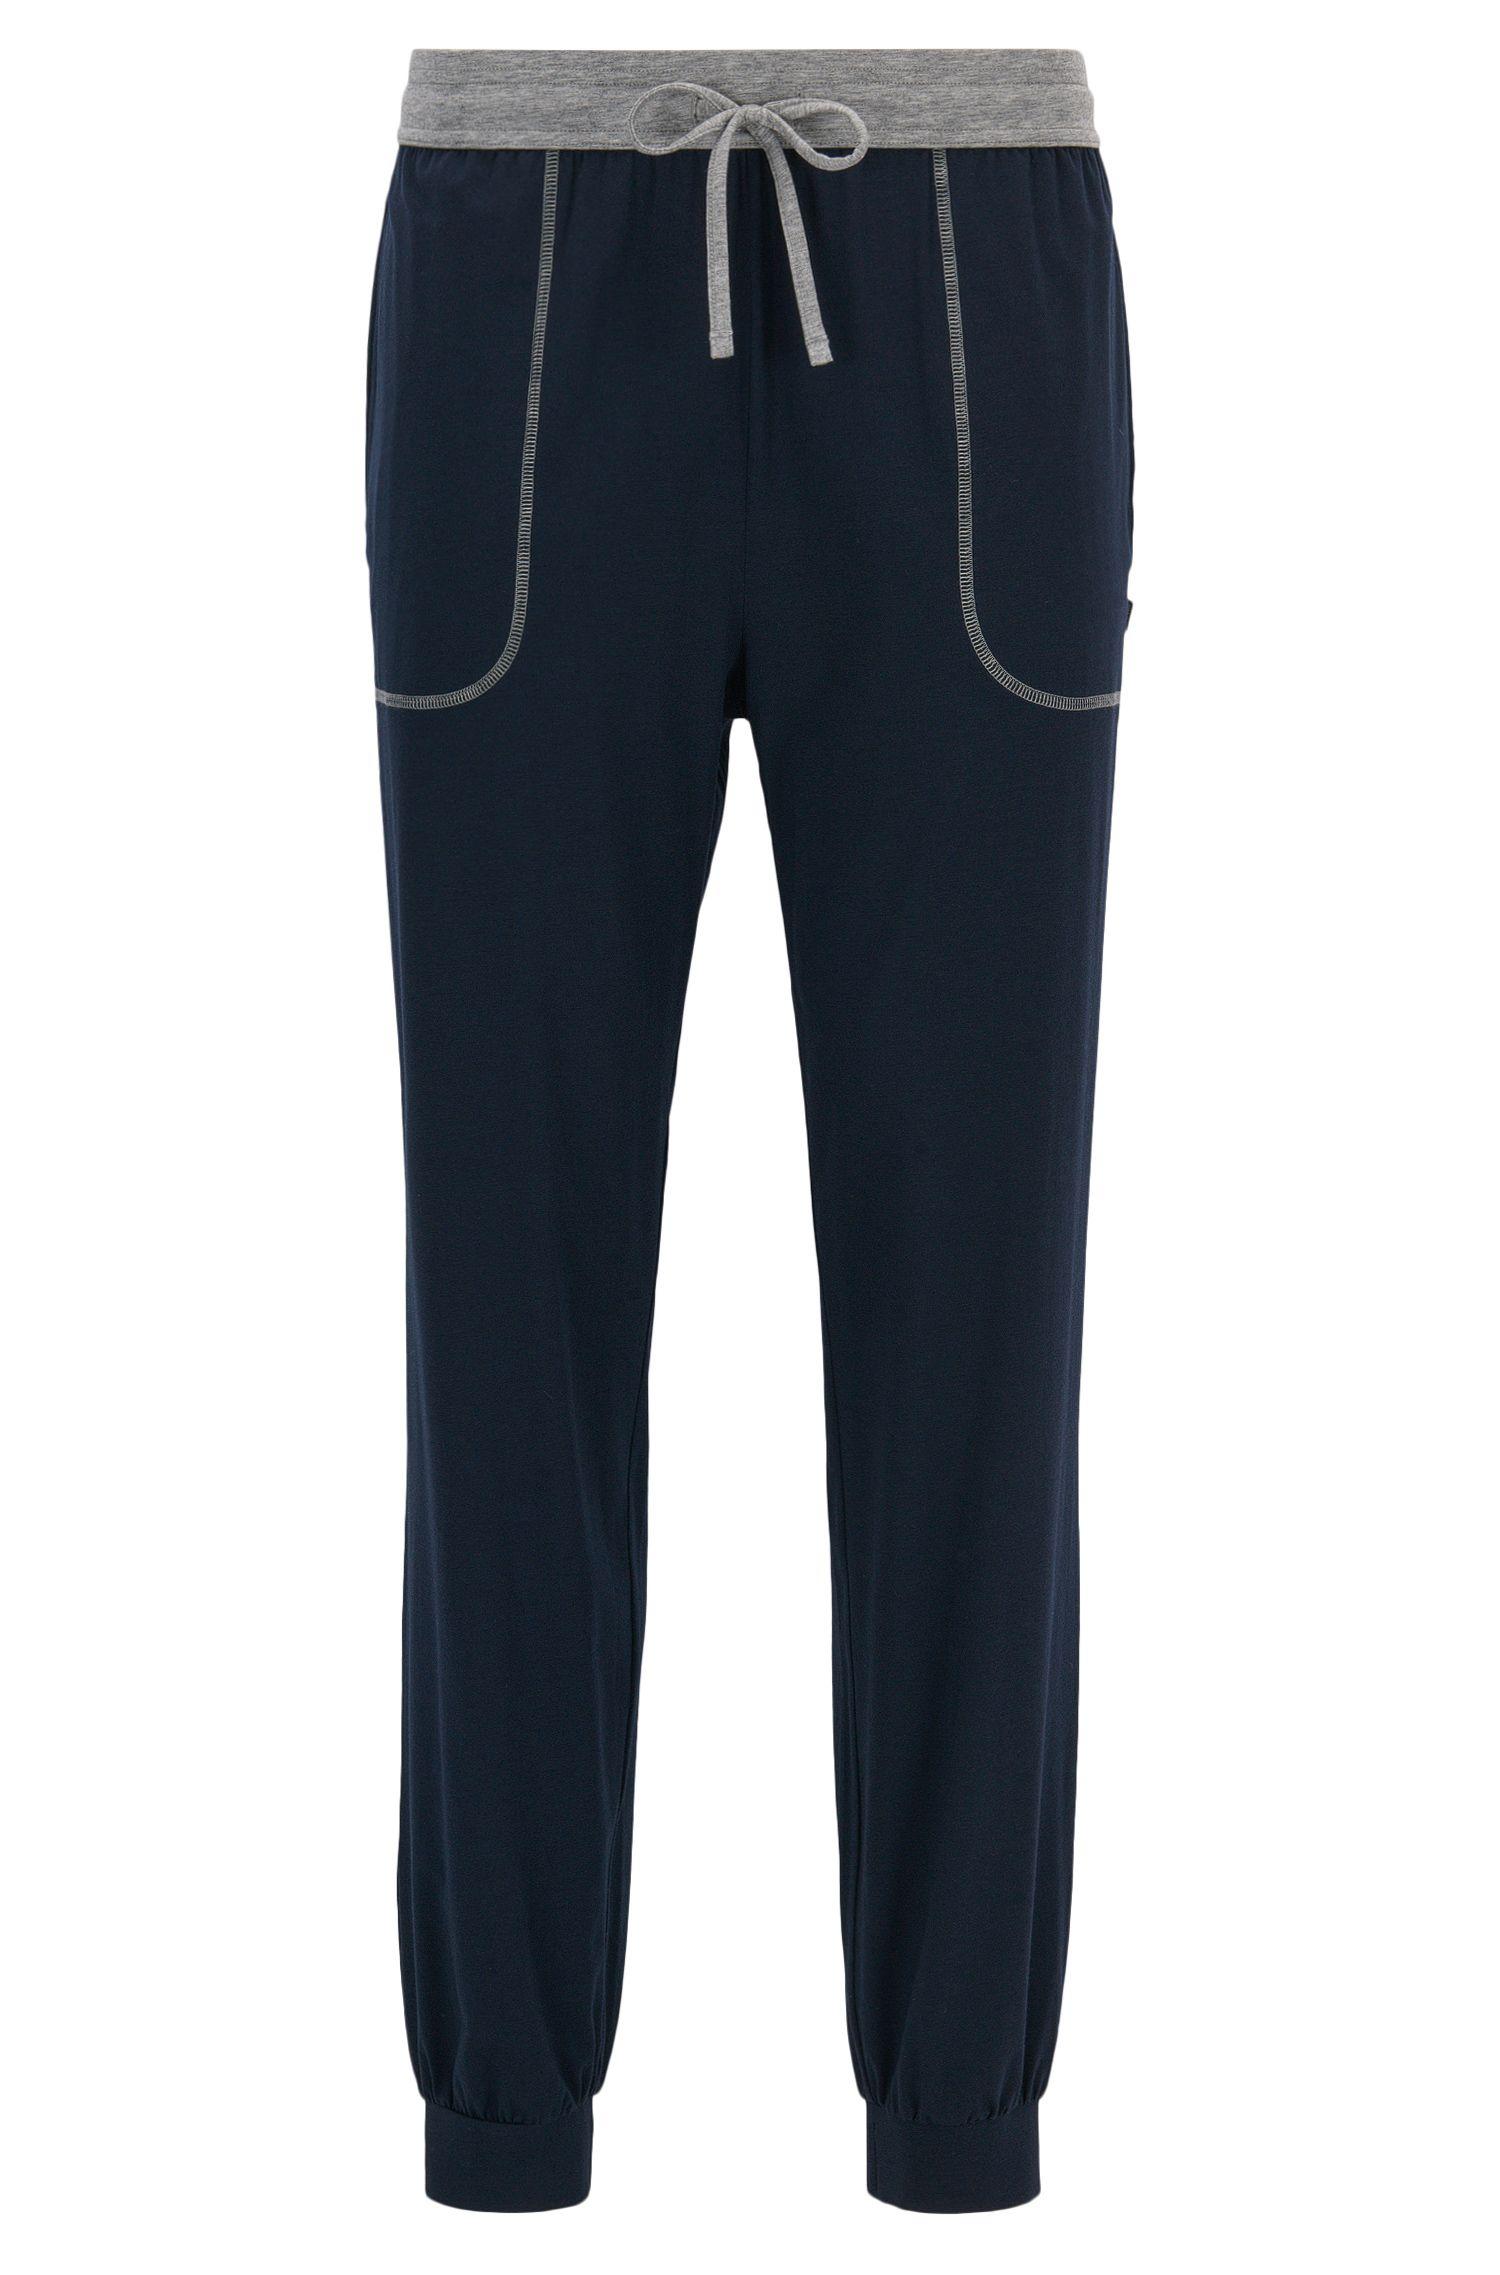 Bas de pyjama retroussé au bas des jambes en jersey de coton stretch mélangé